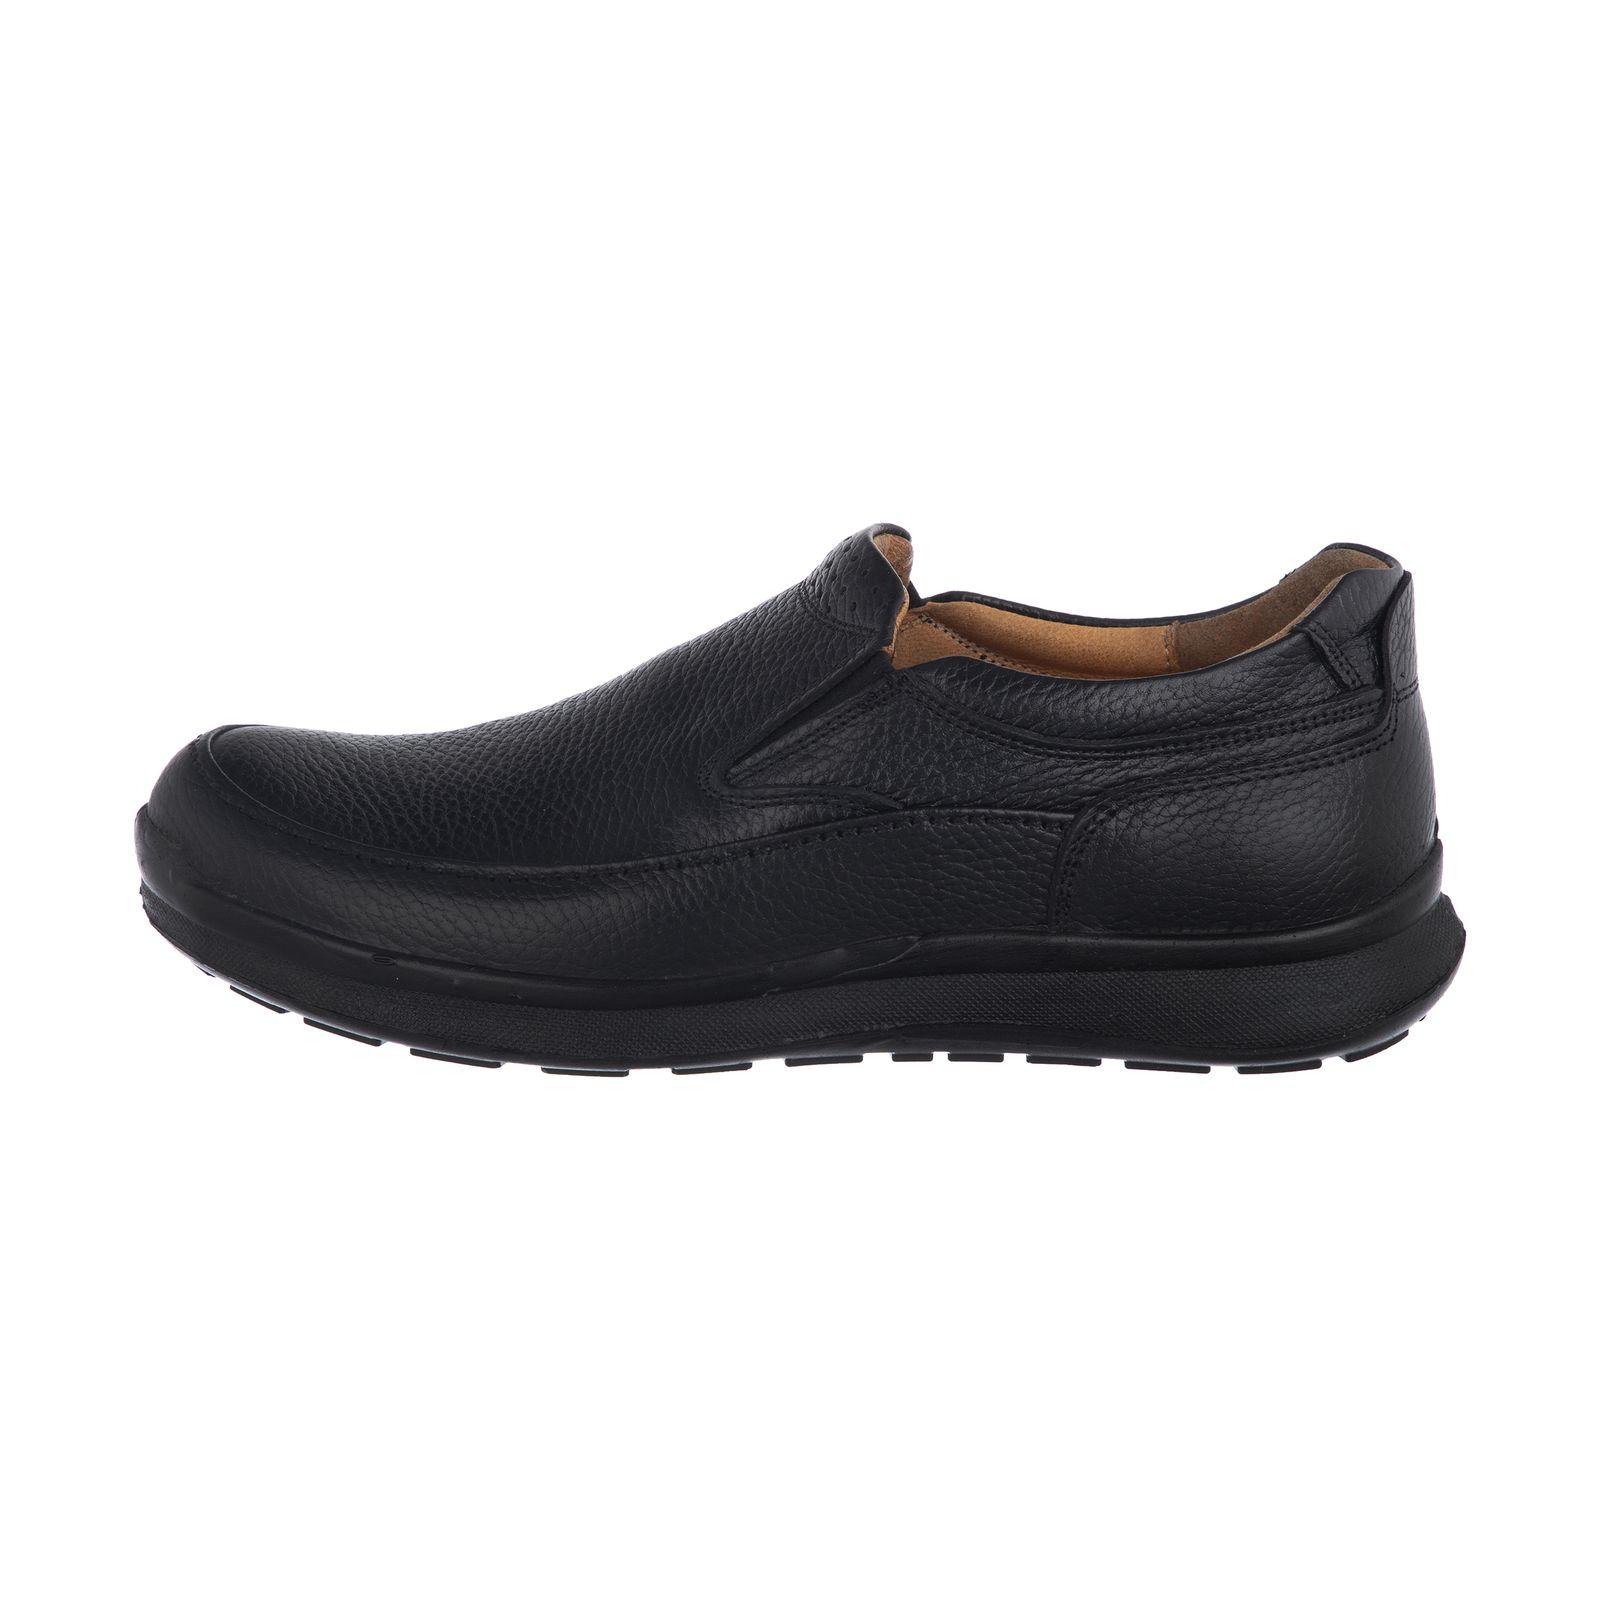 کفش روزمره مردانه آذر پلاس مدل 4401A503101 -  - 2